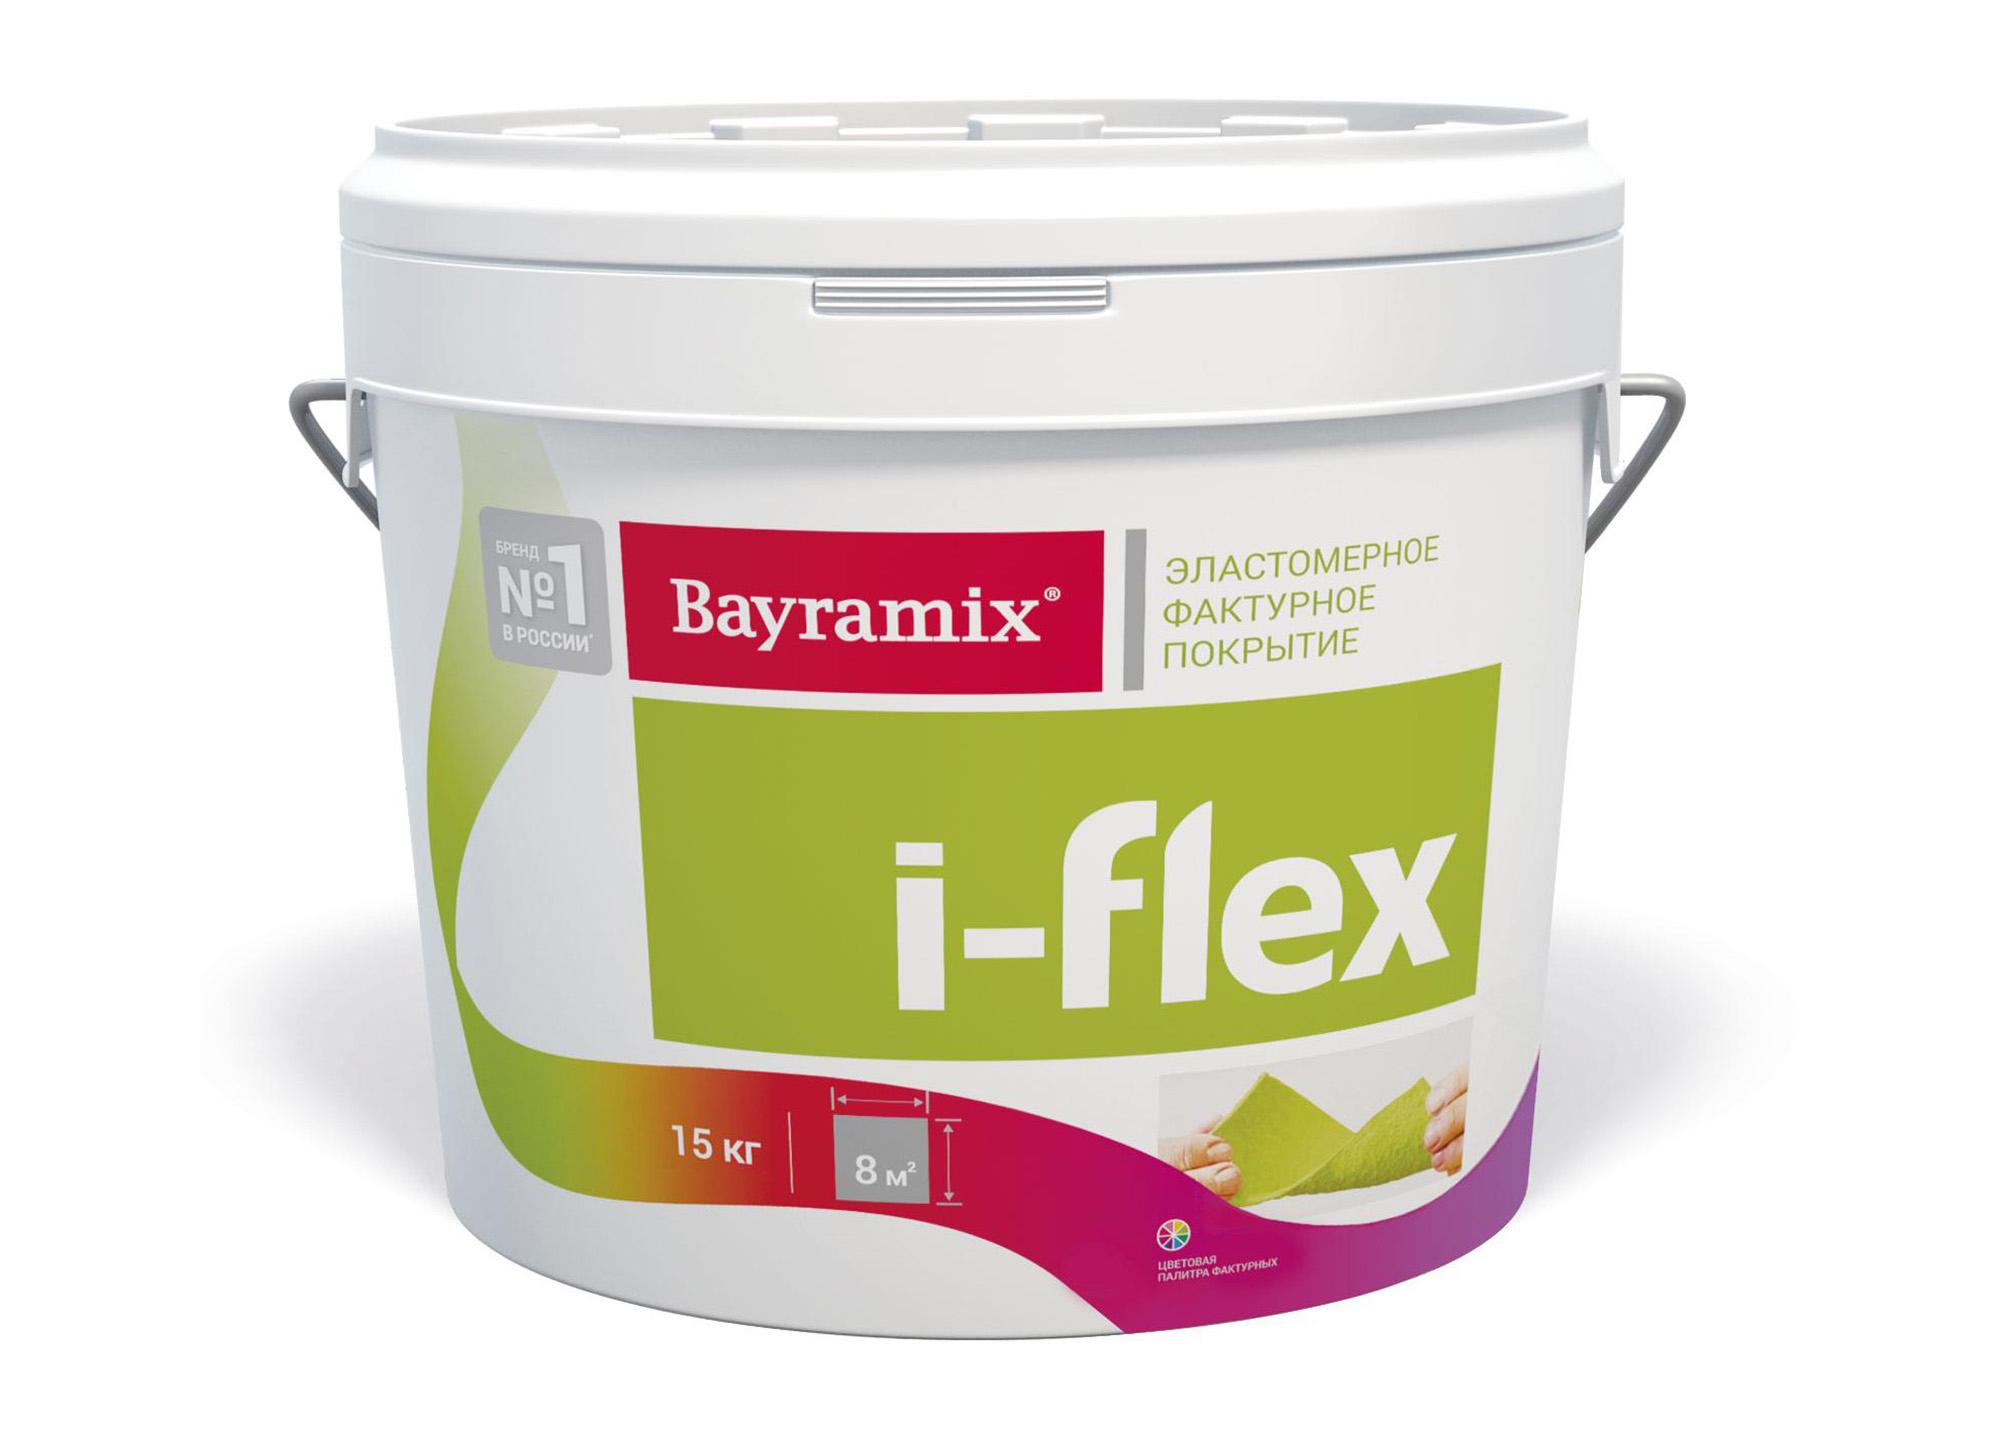 Фактурная штукатурка Bayramix